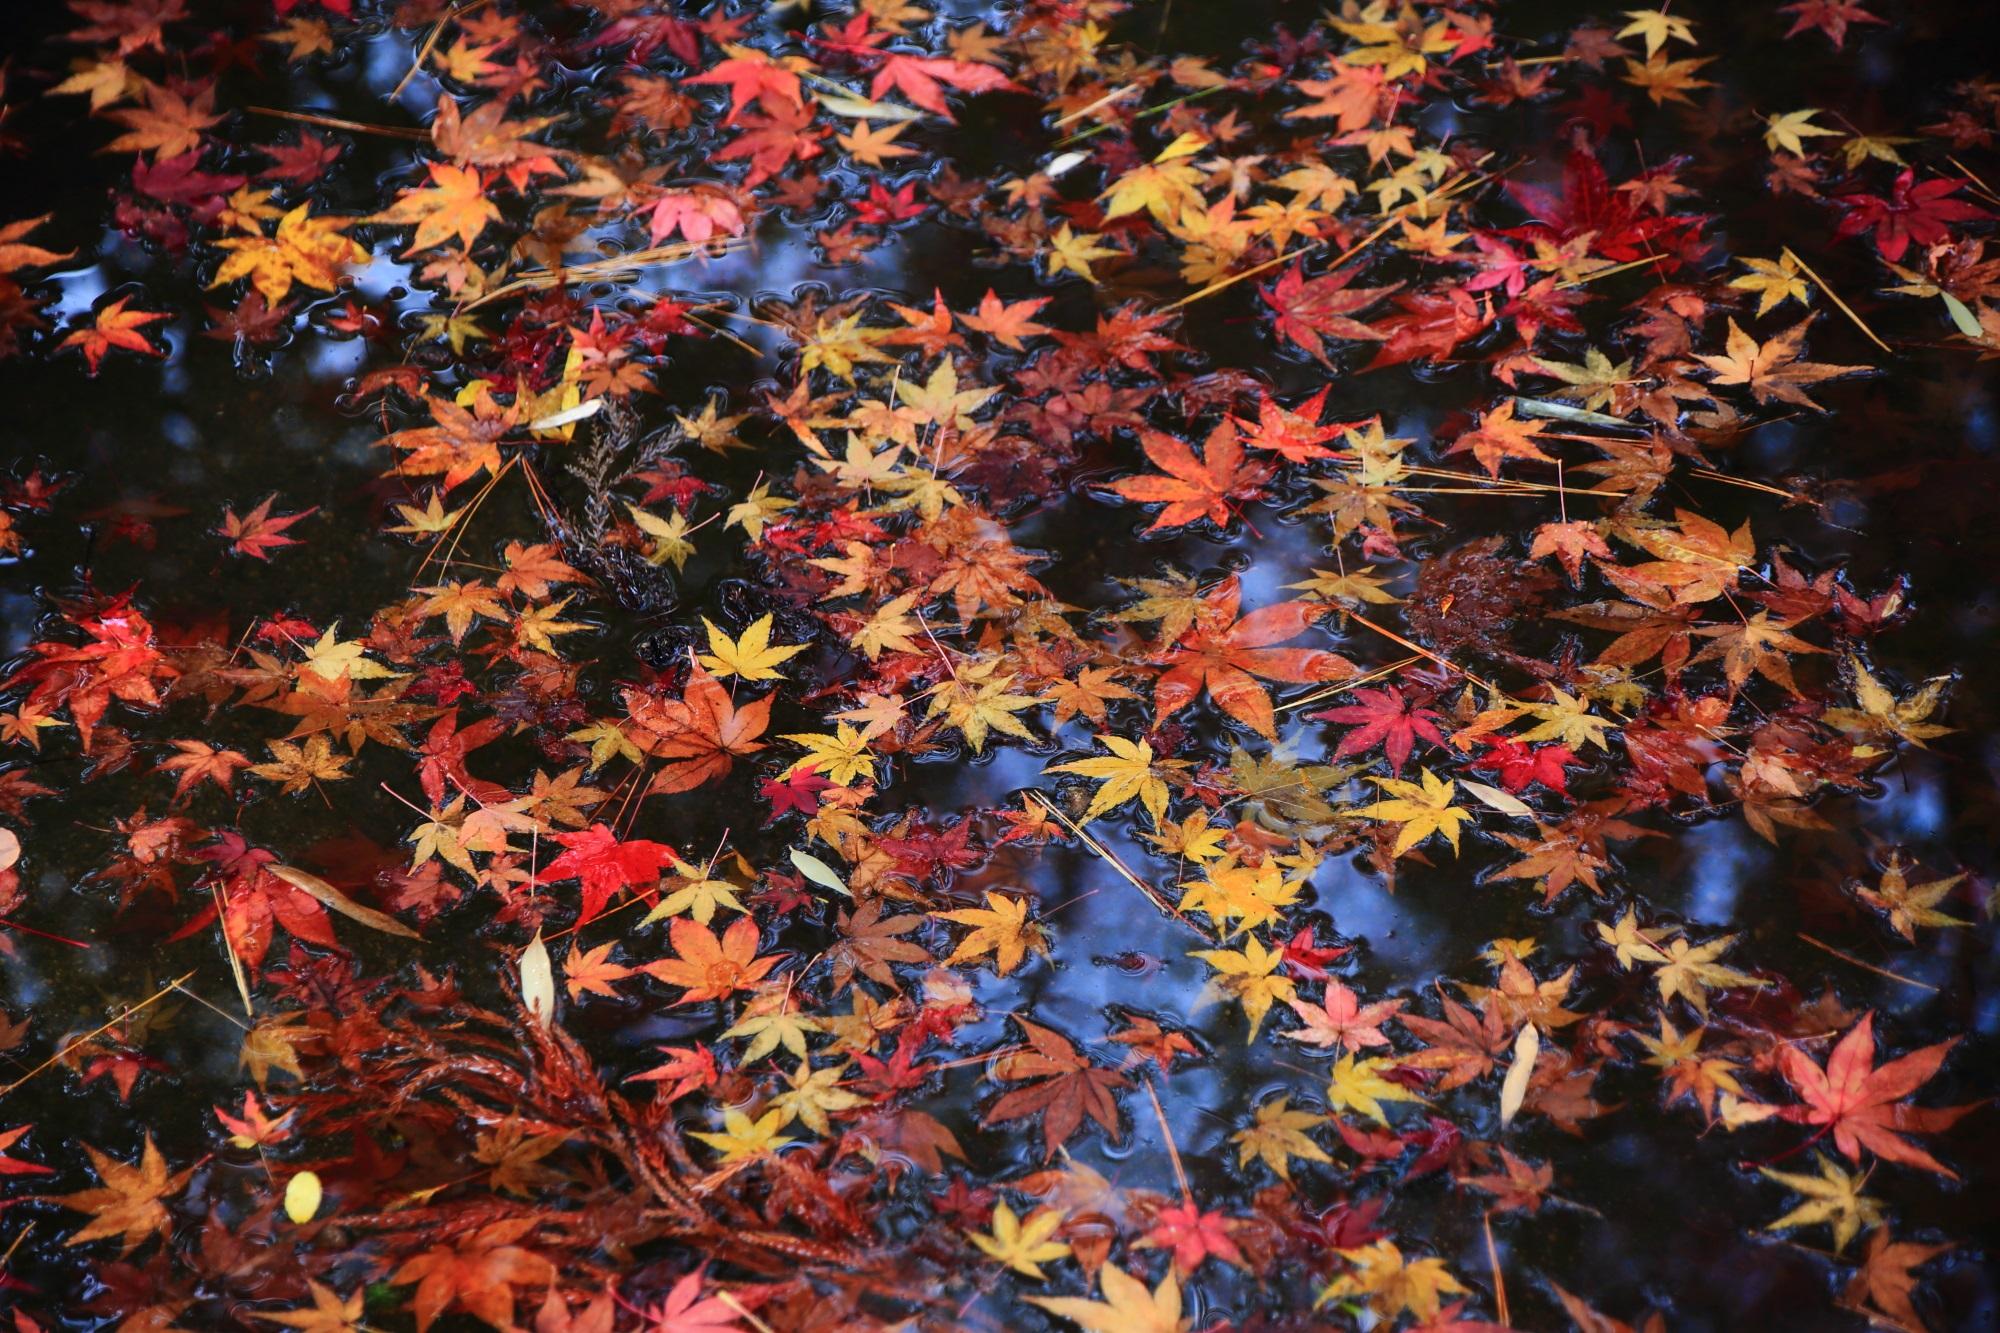 天授庵の色とりどりに染まる秋の池の水面